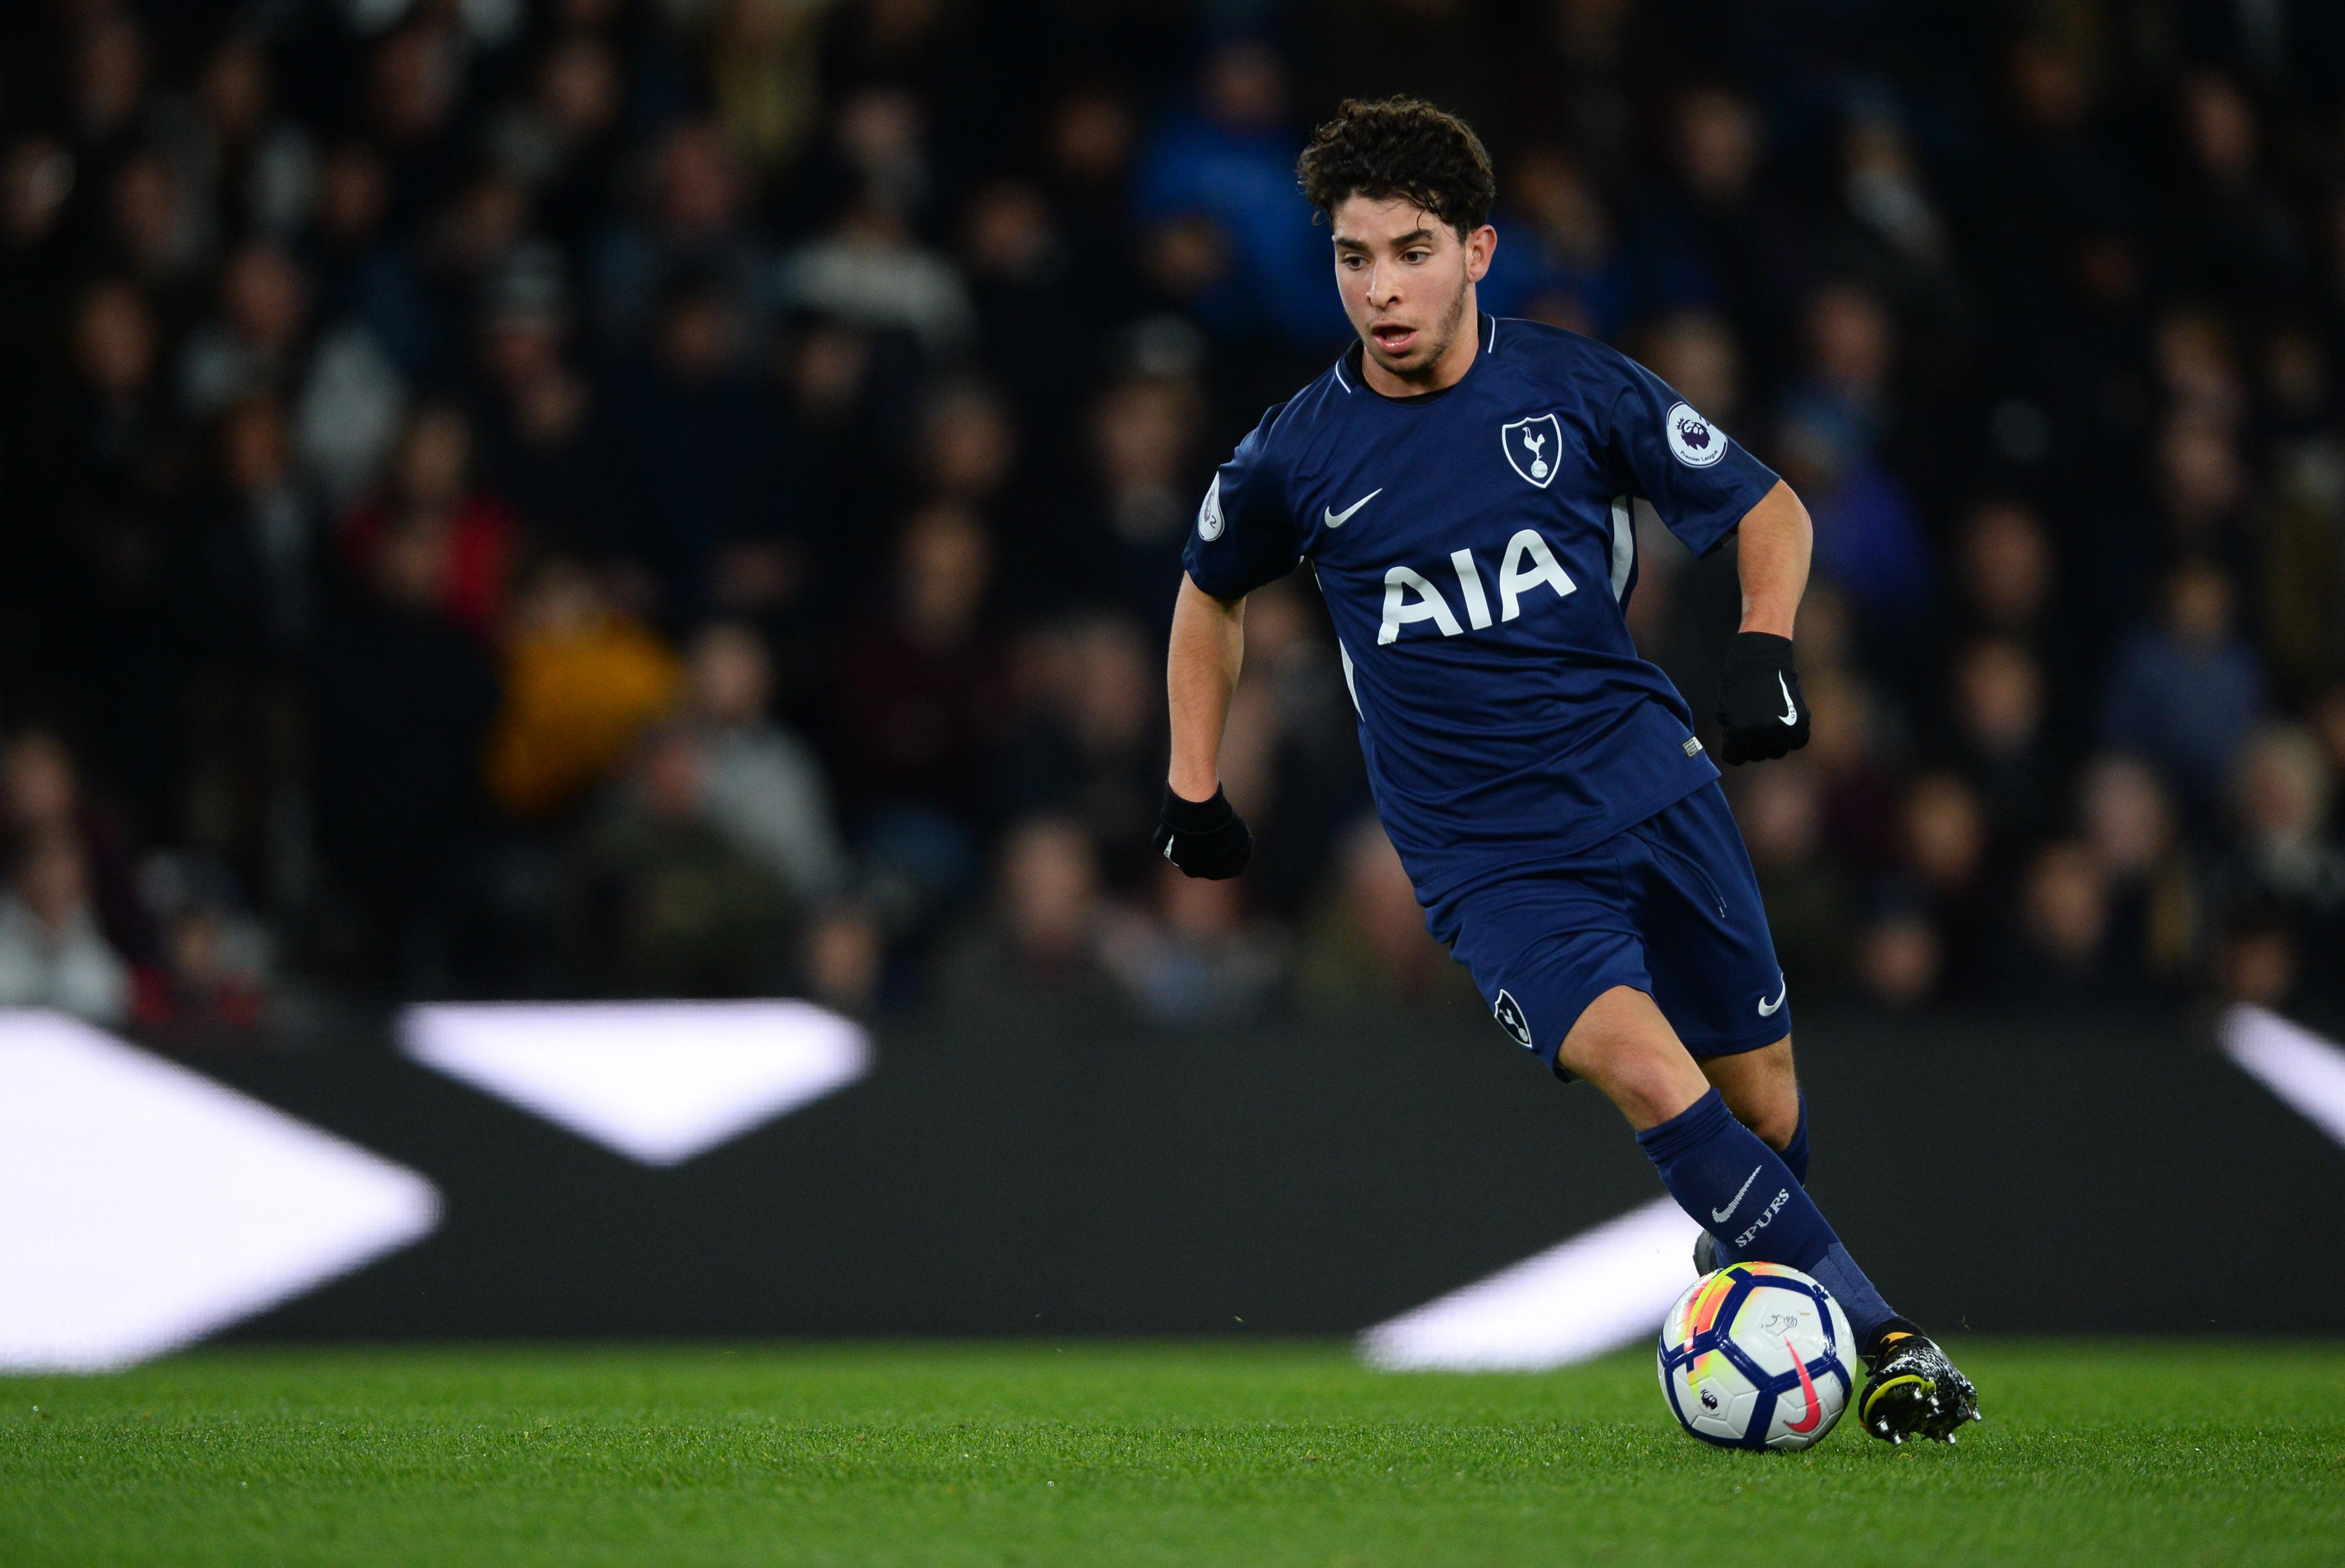 Derby County Tottenham Hotspur - Premier League 2